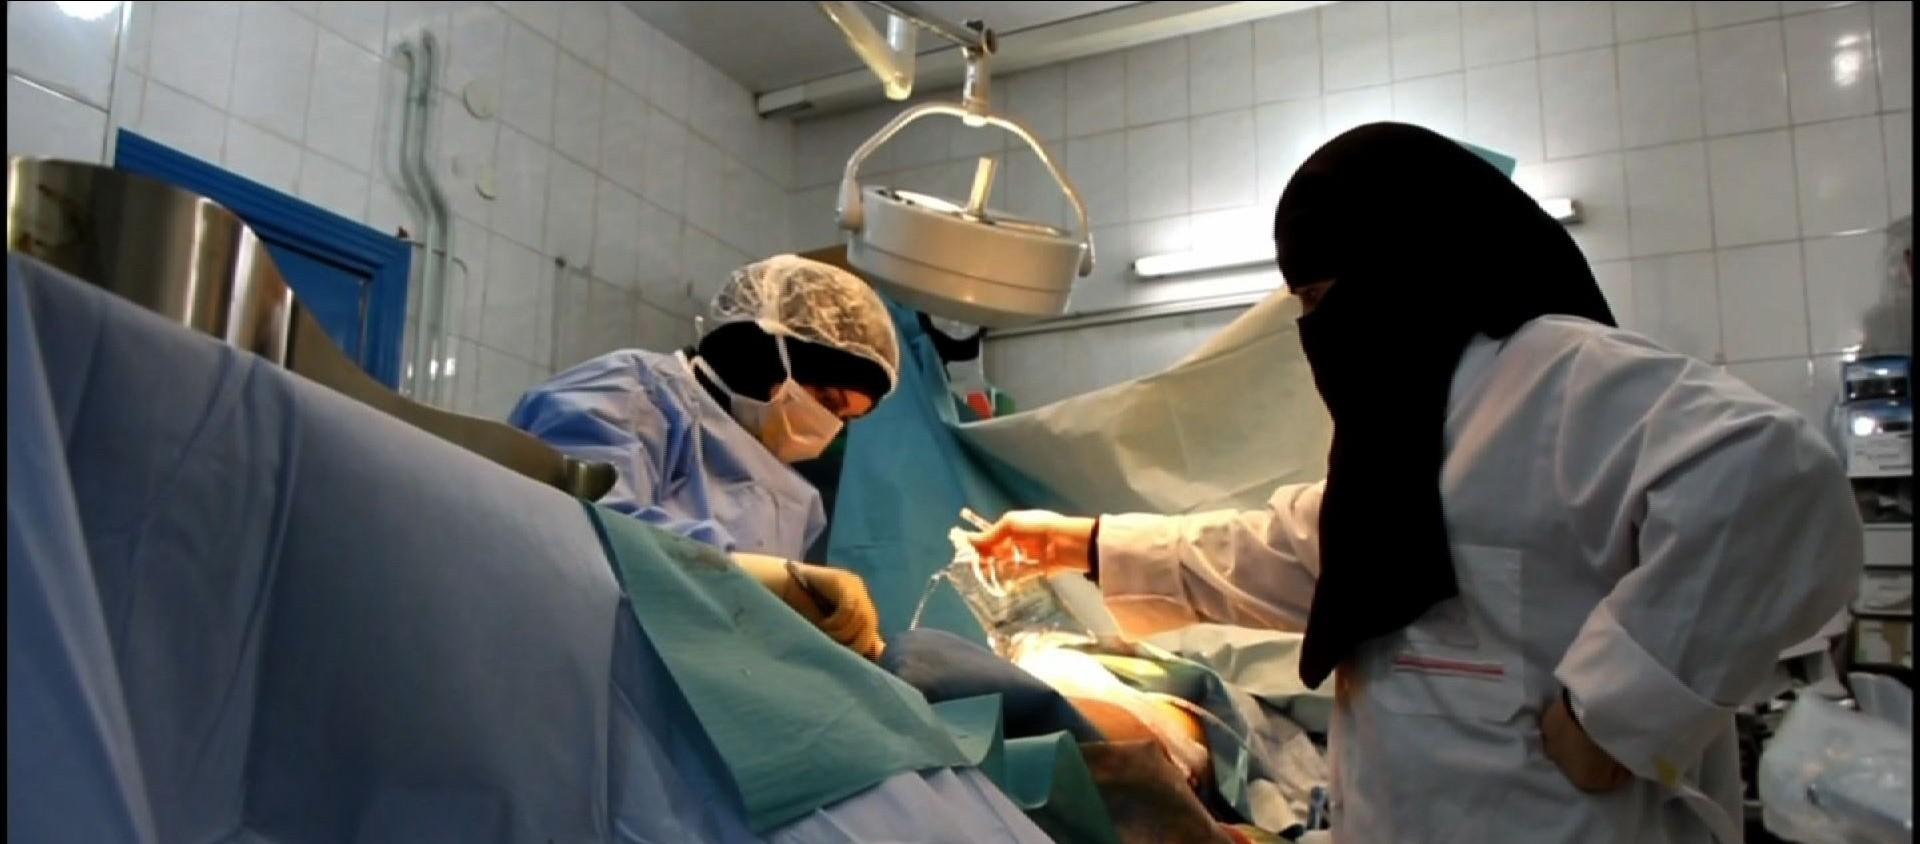 敘利亞內戰砲火四起 孕婦剖腹產險失兒! | 文章內置圖片